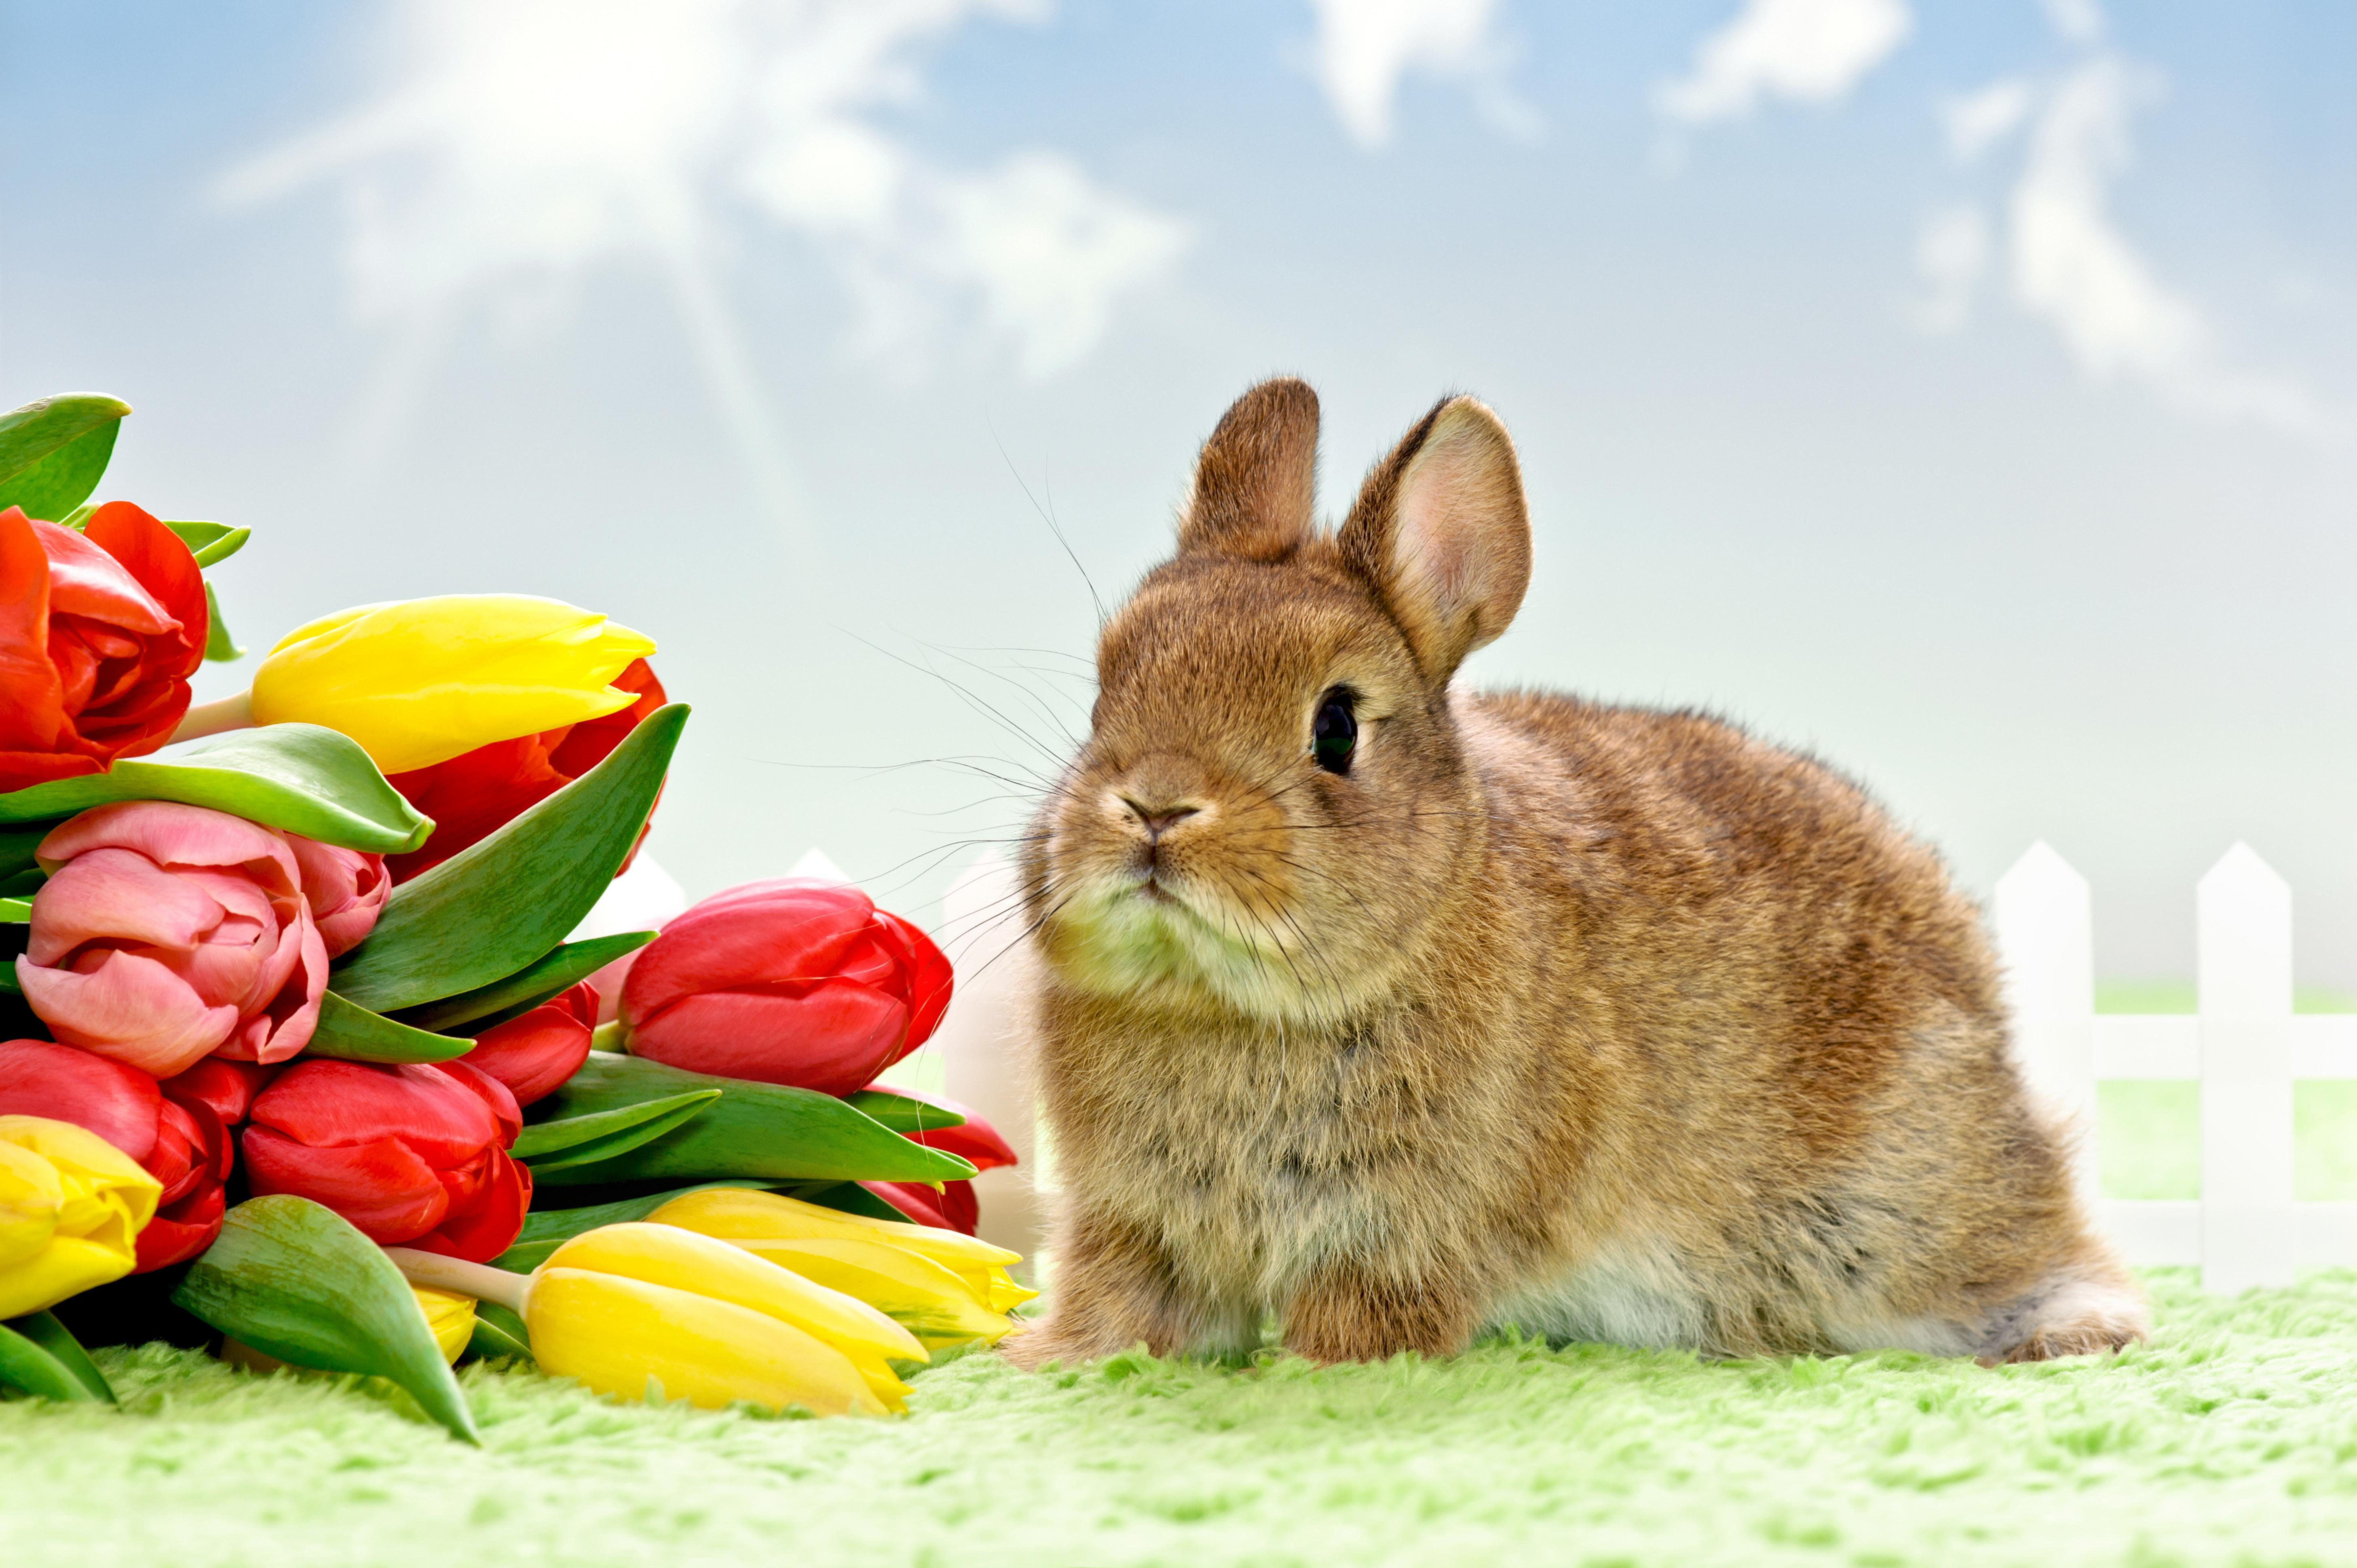 природа кролик цветы тюльпаны яйца пасха  № 271710  скачать